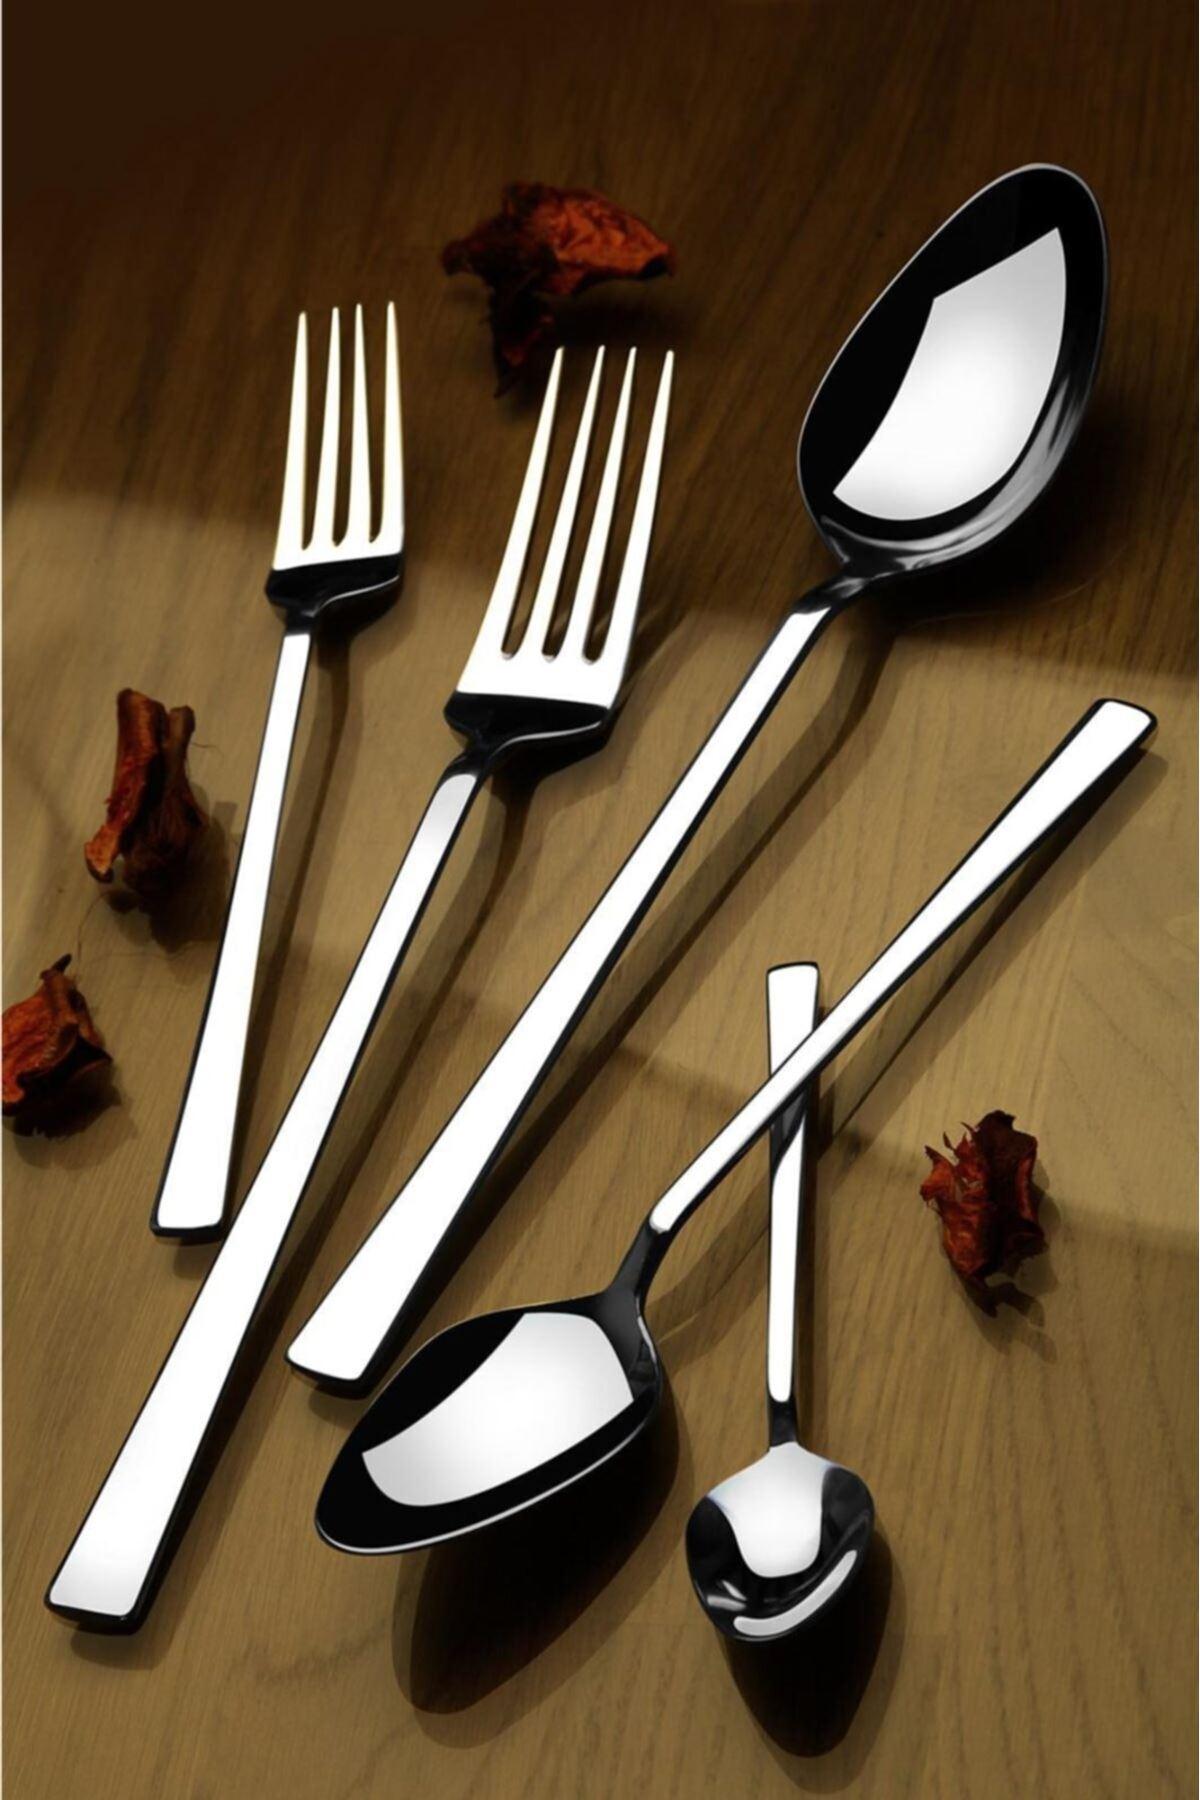 Kitchen Trend 30 Parça 304 Kalite Paslanmaz Çelik Çatal Kaşık Bıçak Takımı